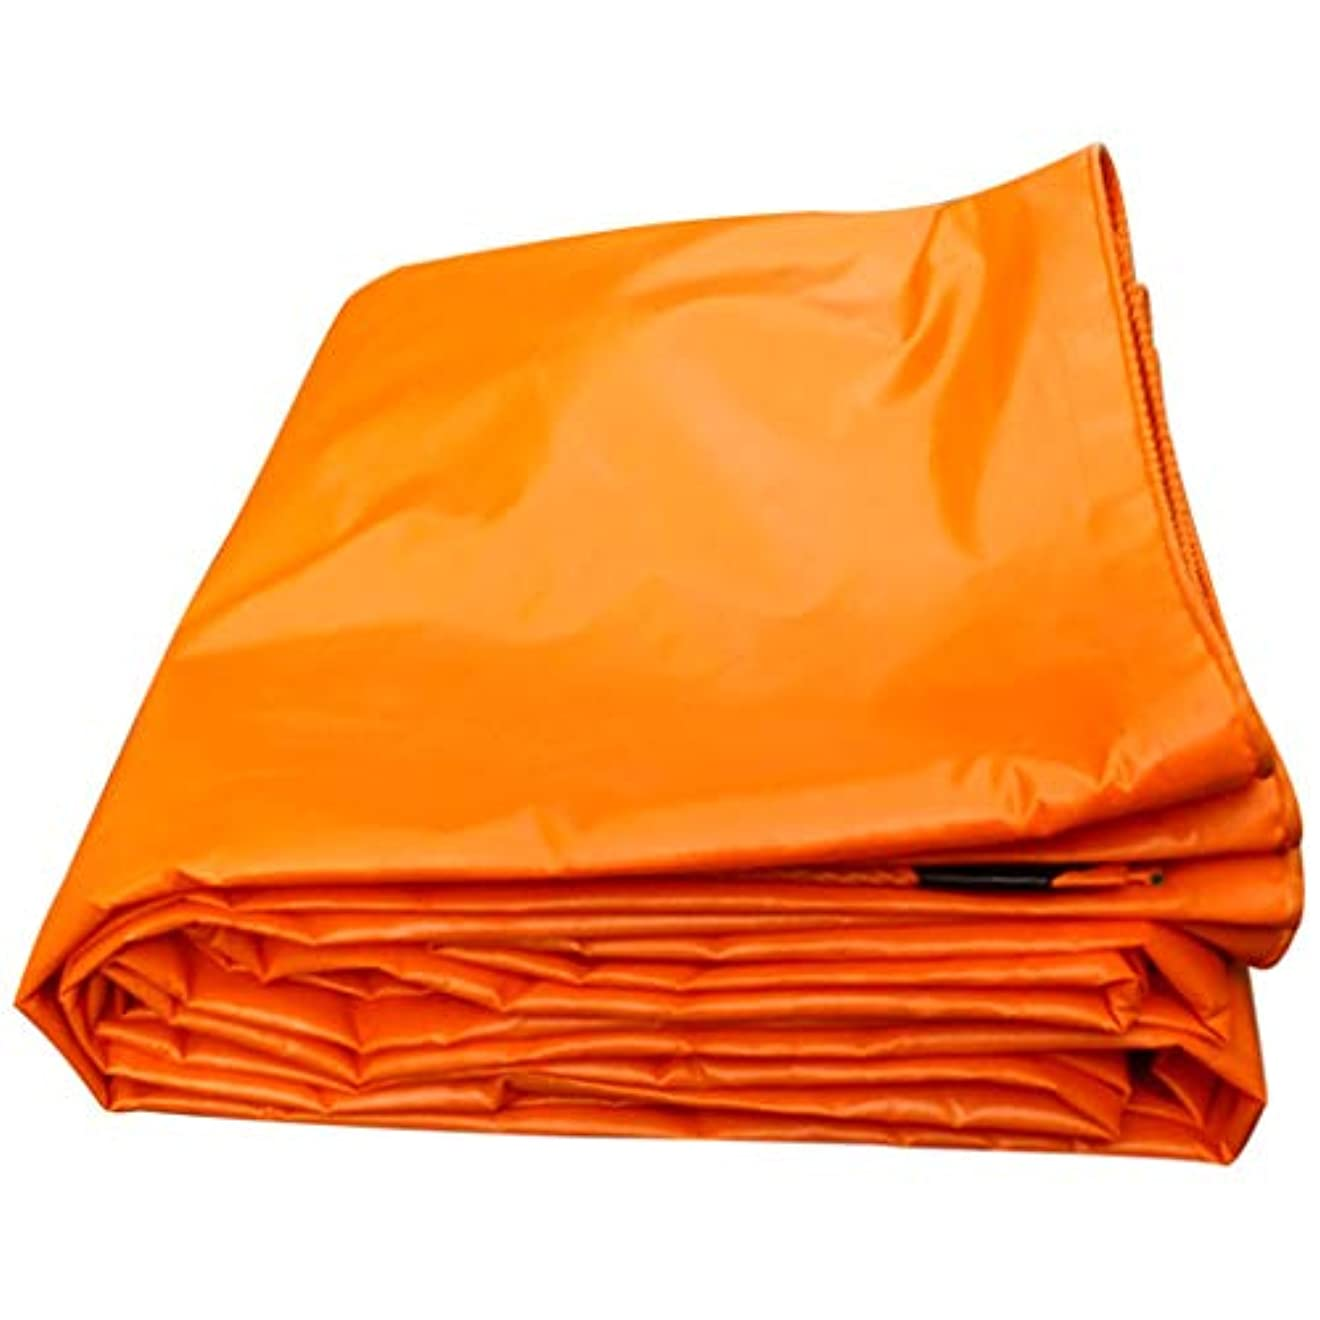 インデックス変動するしてはいけませんタープ 防水シートのプラスチック布ポリ塩化ビニールの物質的な屋外の陰の布の耐久力のある防雨布の紫外線抵抗力があるトラックの防水シートのおおいのキャンバスのポンチョ 防水シート